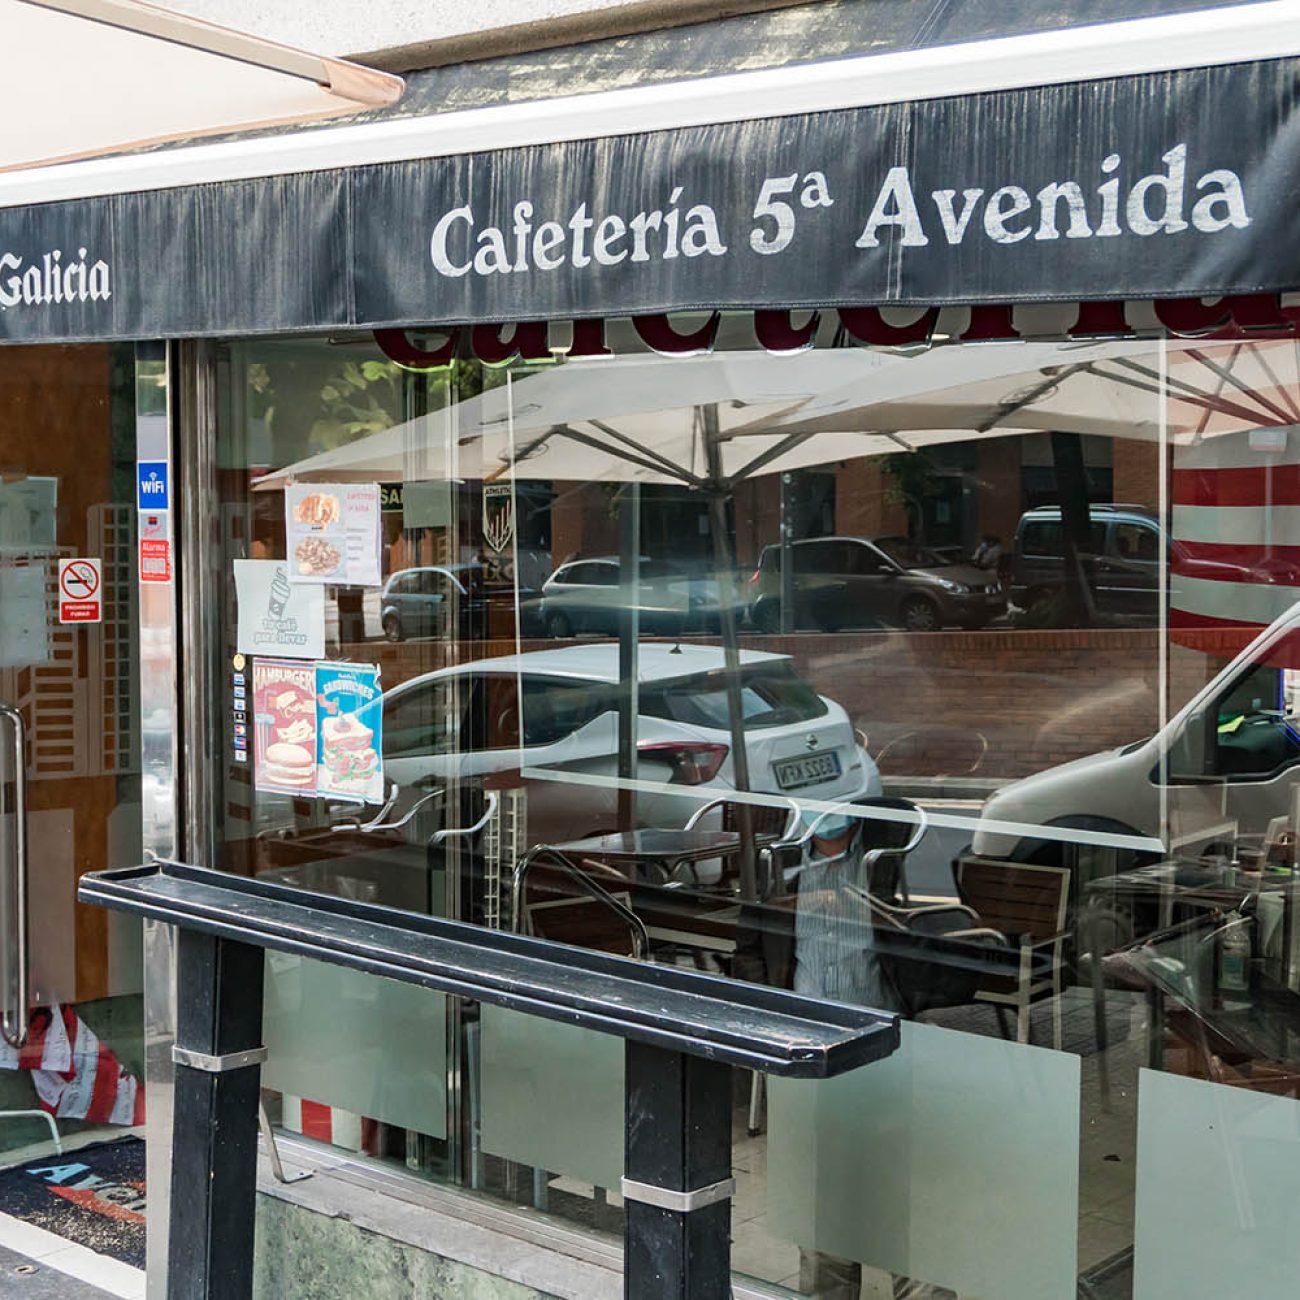 CAFETERIA 5ª AVENIDA